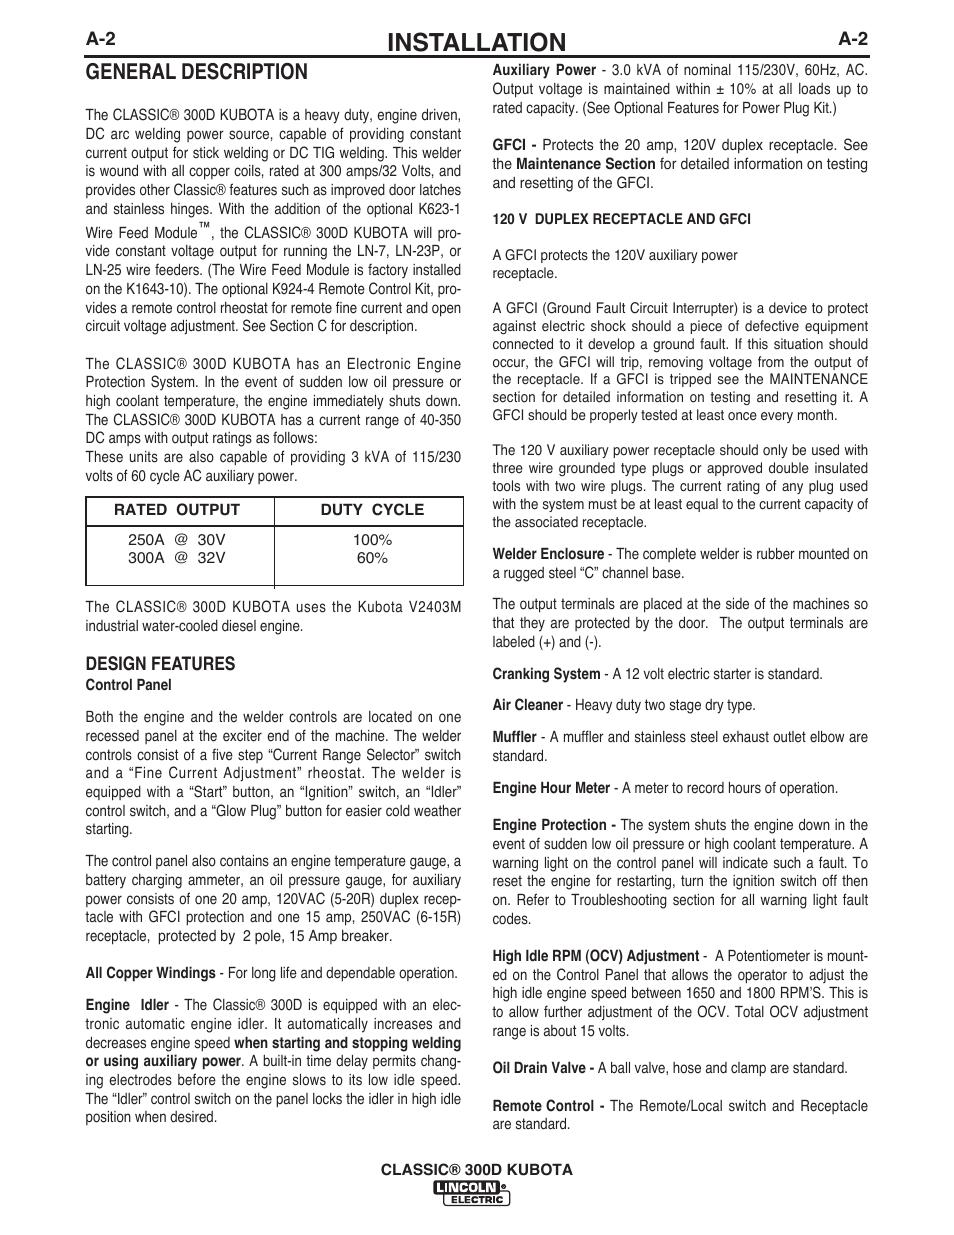 Installation, General description   Lincoln Electric IM996 CLASSIC